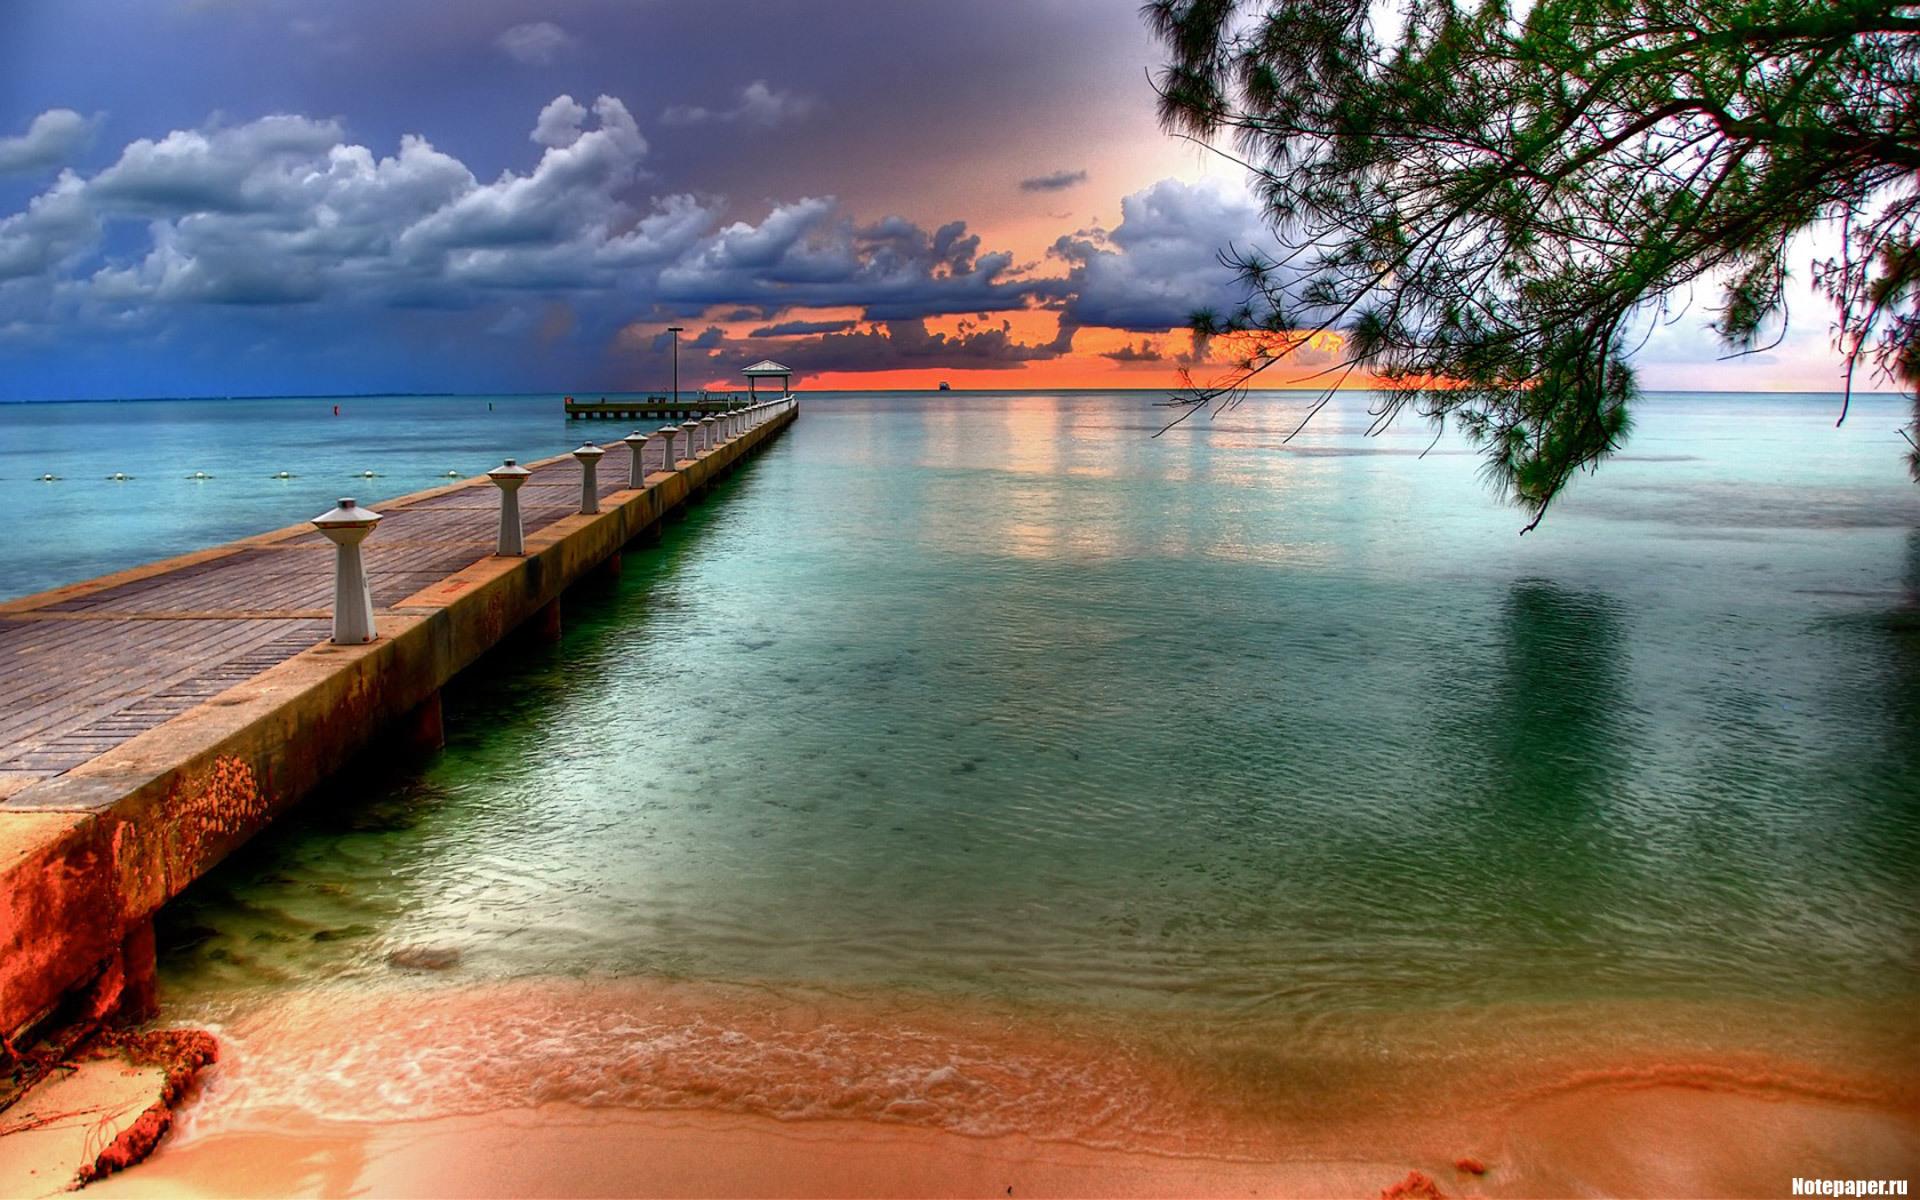 12393 скачать обои Пейзаж, Вода, Море, Артфото - заставки и картинки бесплатно